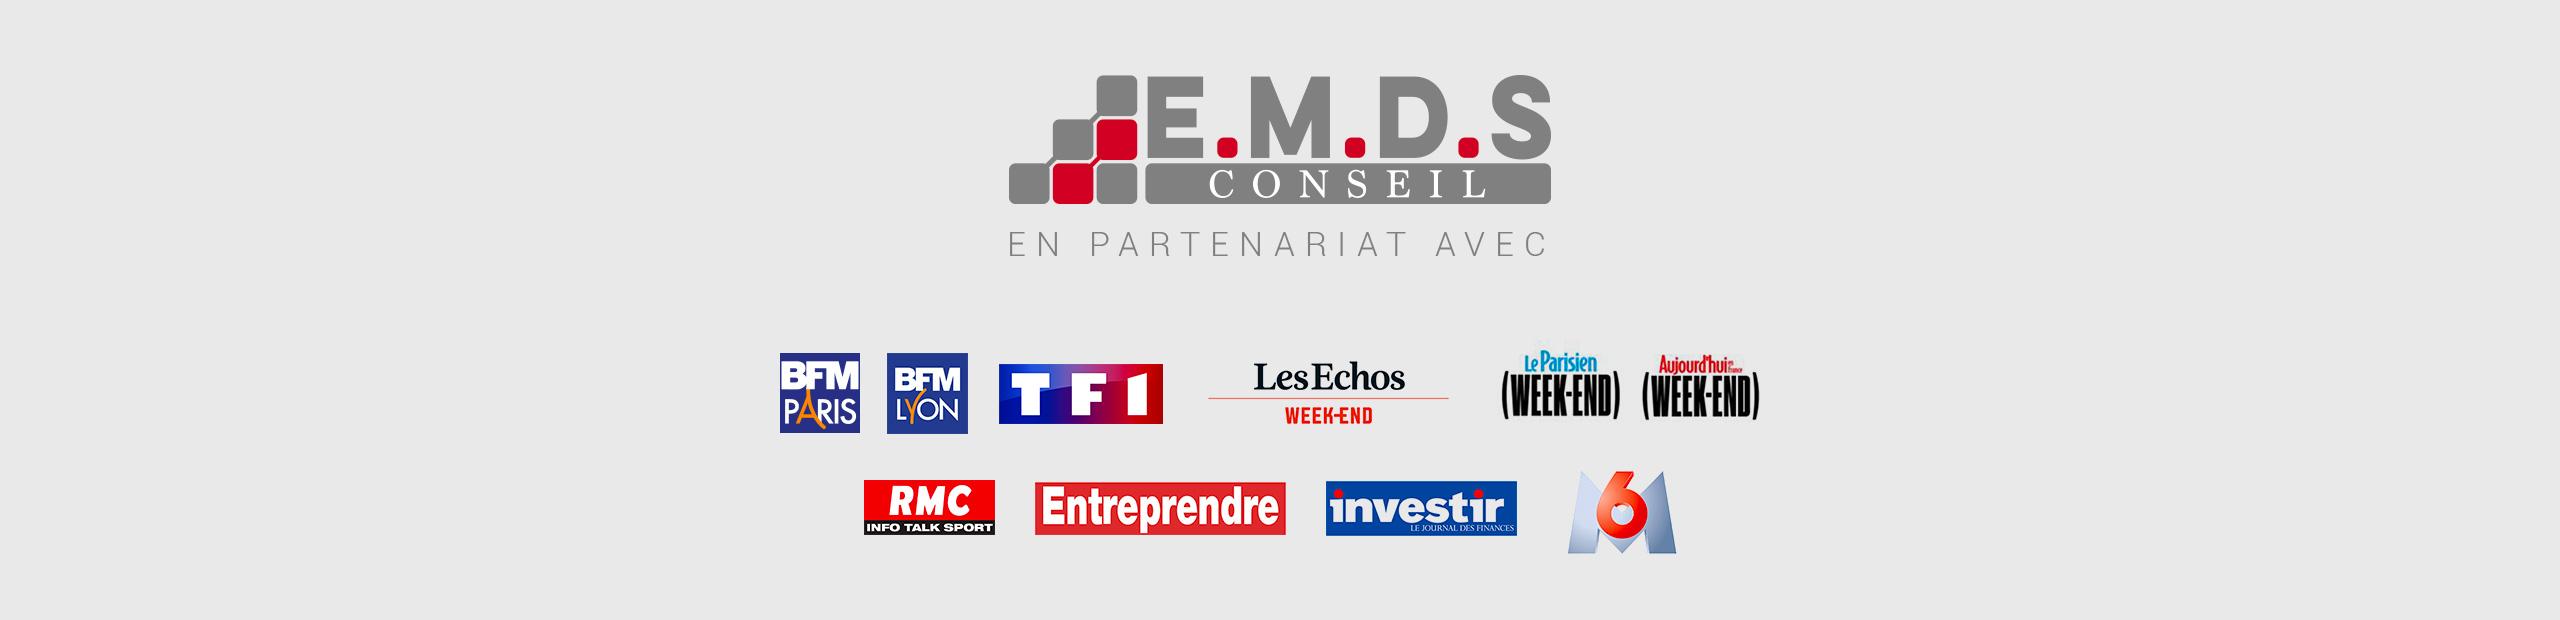 EMDS partenariat